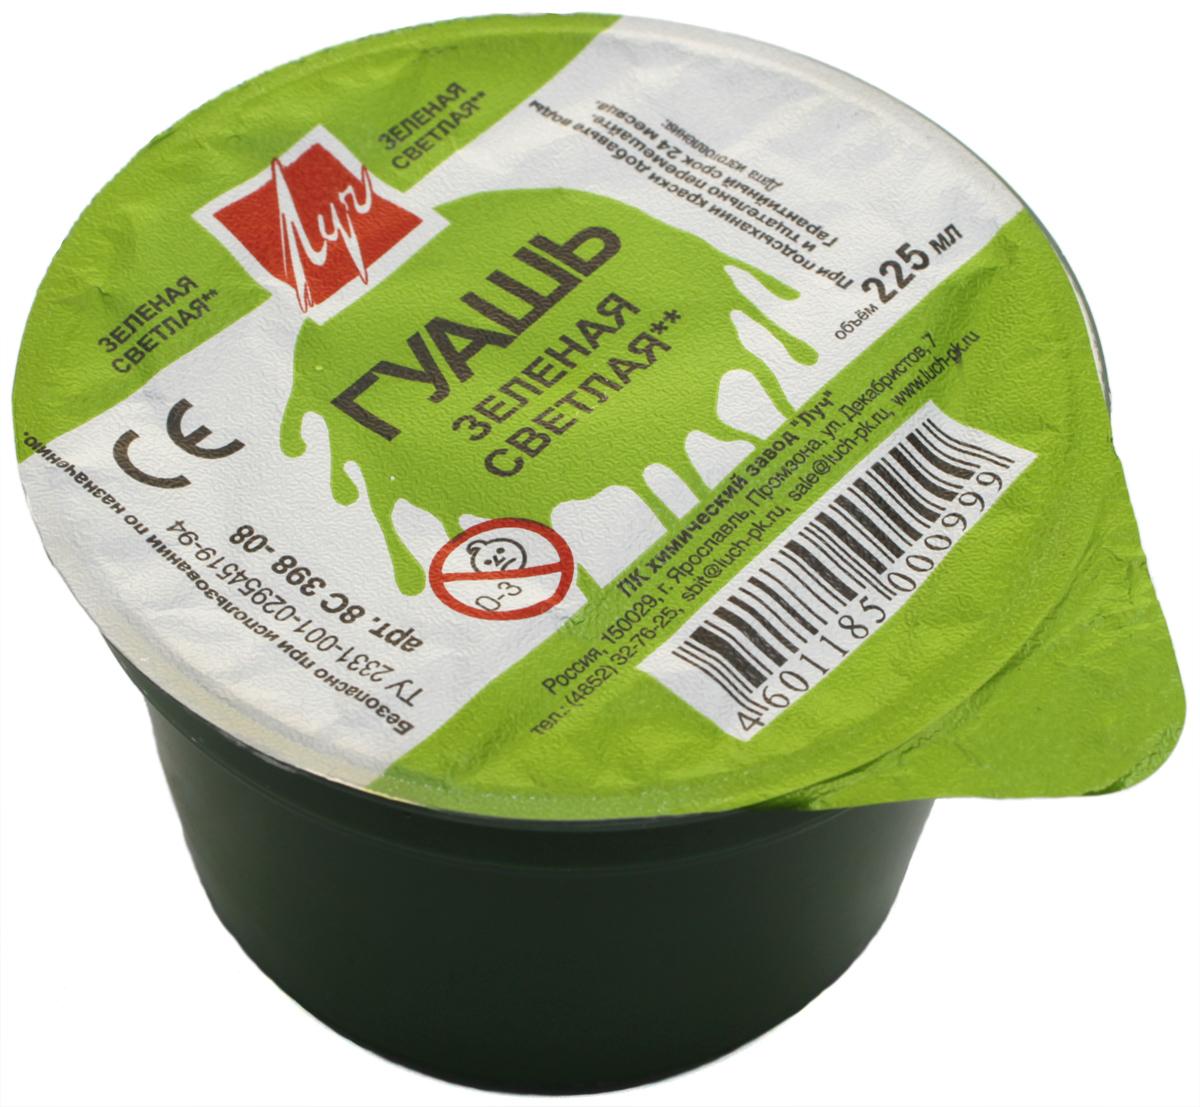 Луч Гуашь цвет светло-зеленый 225 млLF105019Гуашевая краска Луч идеально подходит для живописных, декоративных работ и графики. Она легко наносится на бумагу, картон и грунтованный холст. При высыхании приобретает бархатистую поверхность и легко размывается водой. Прозрачная, водоразбавляемая, быстро сохнет.Масса: 320 г.